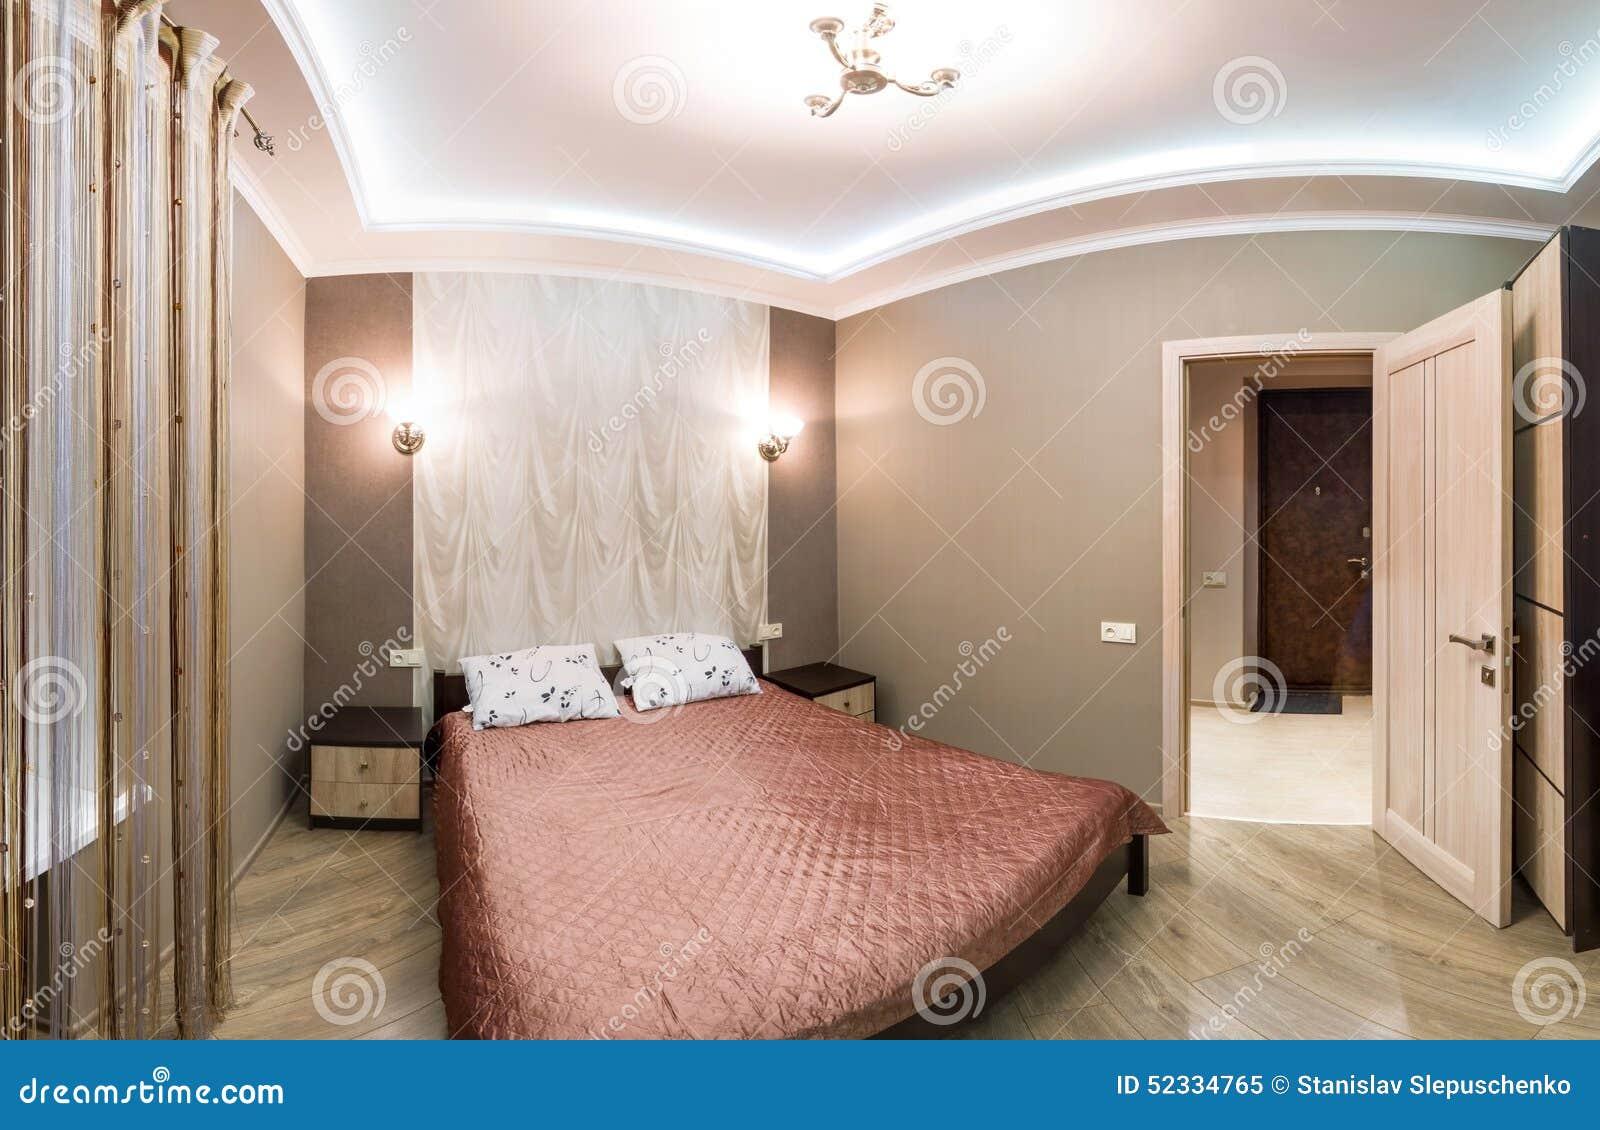 Doppelbett fur kleines schlafzimmer for Doppelbett kleines zimmer